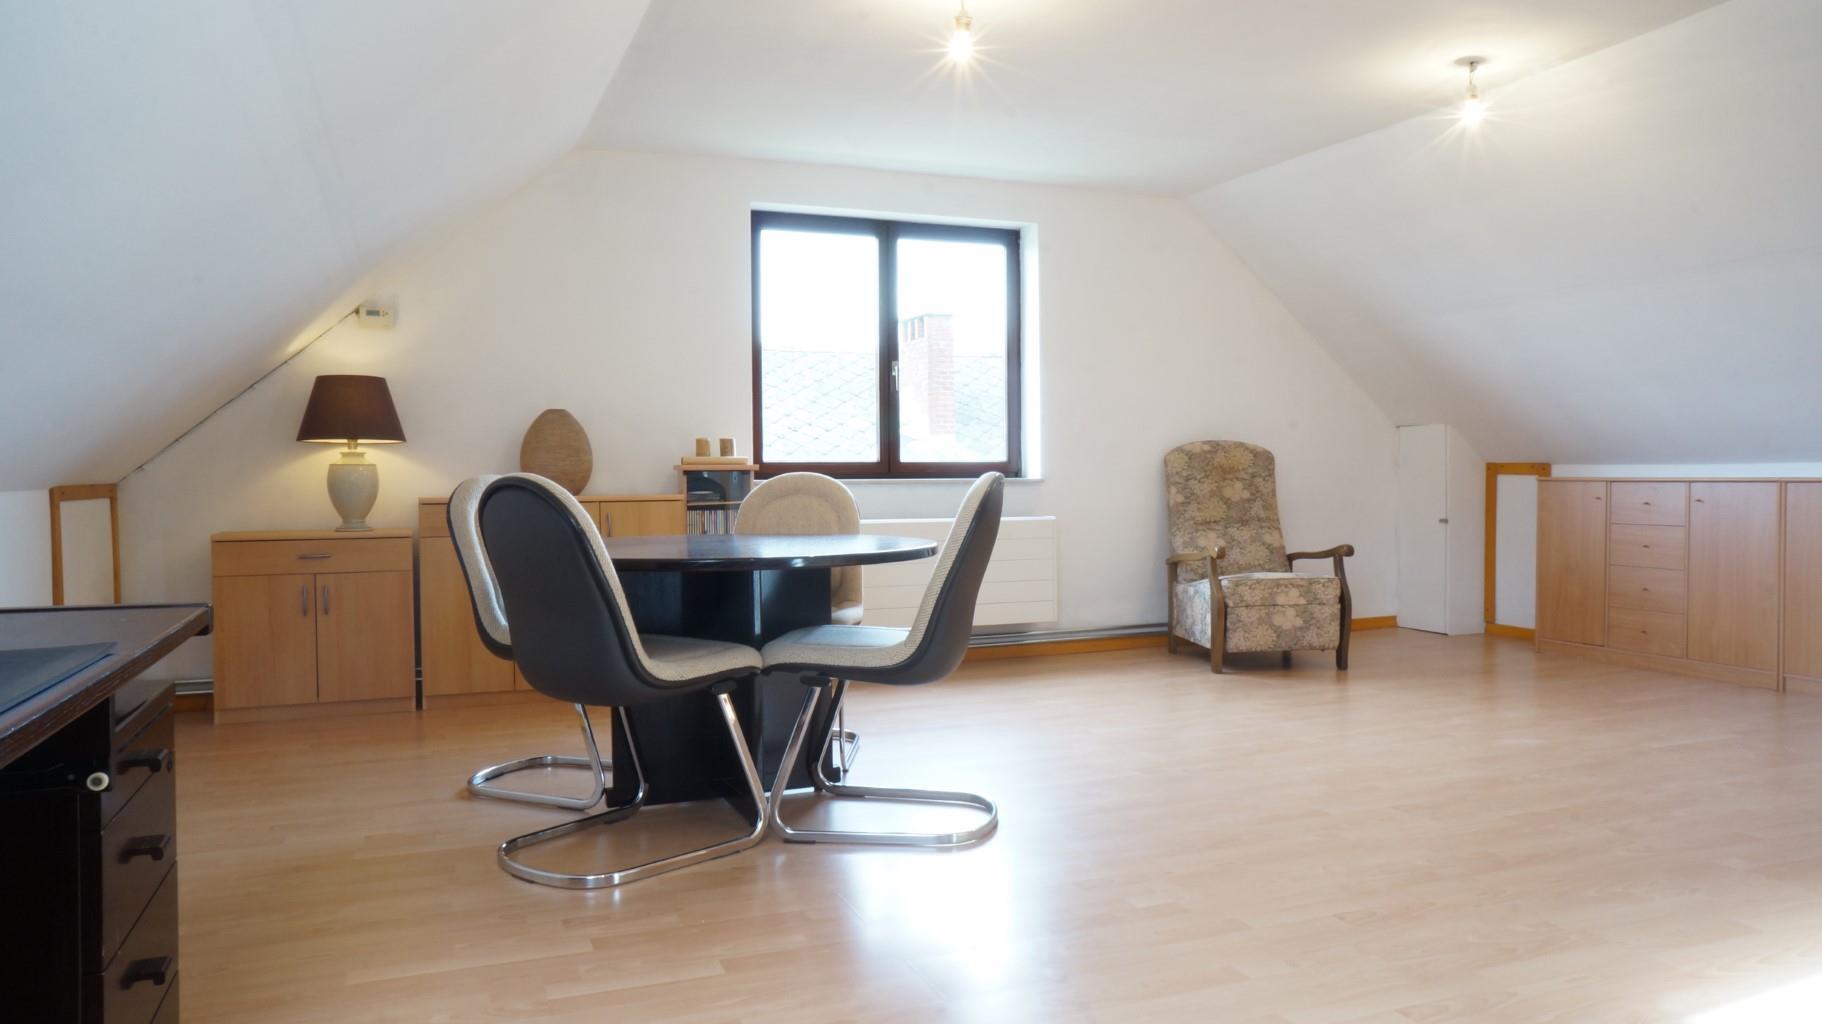 Maison - Perwez Thorembais-Saint-Trond - #4027352-18